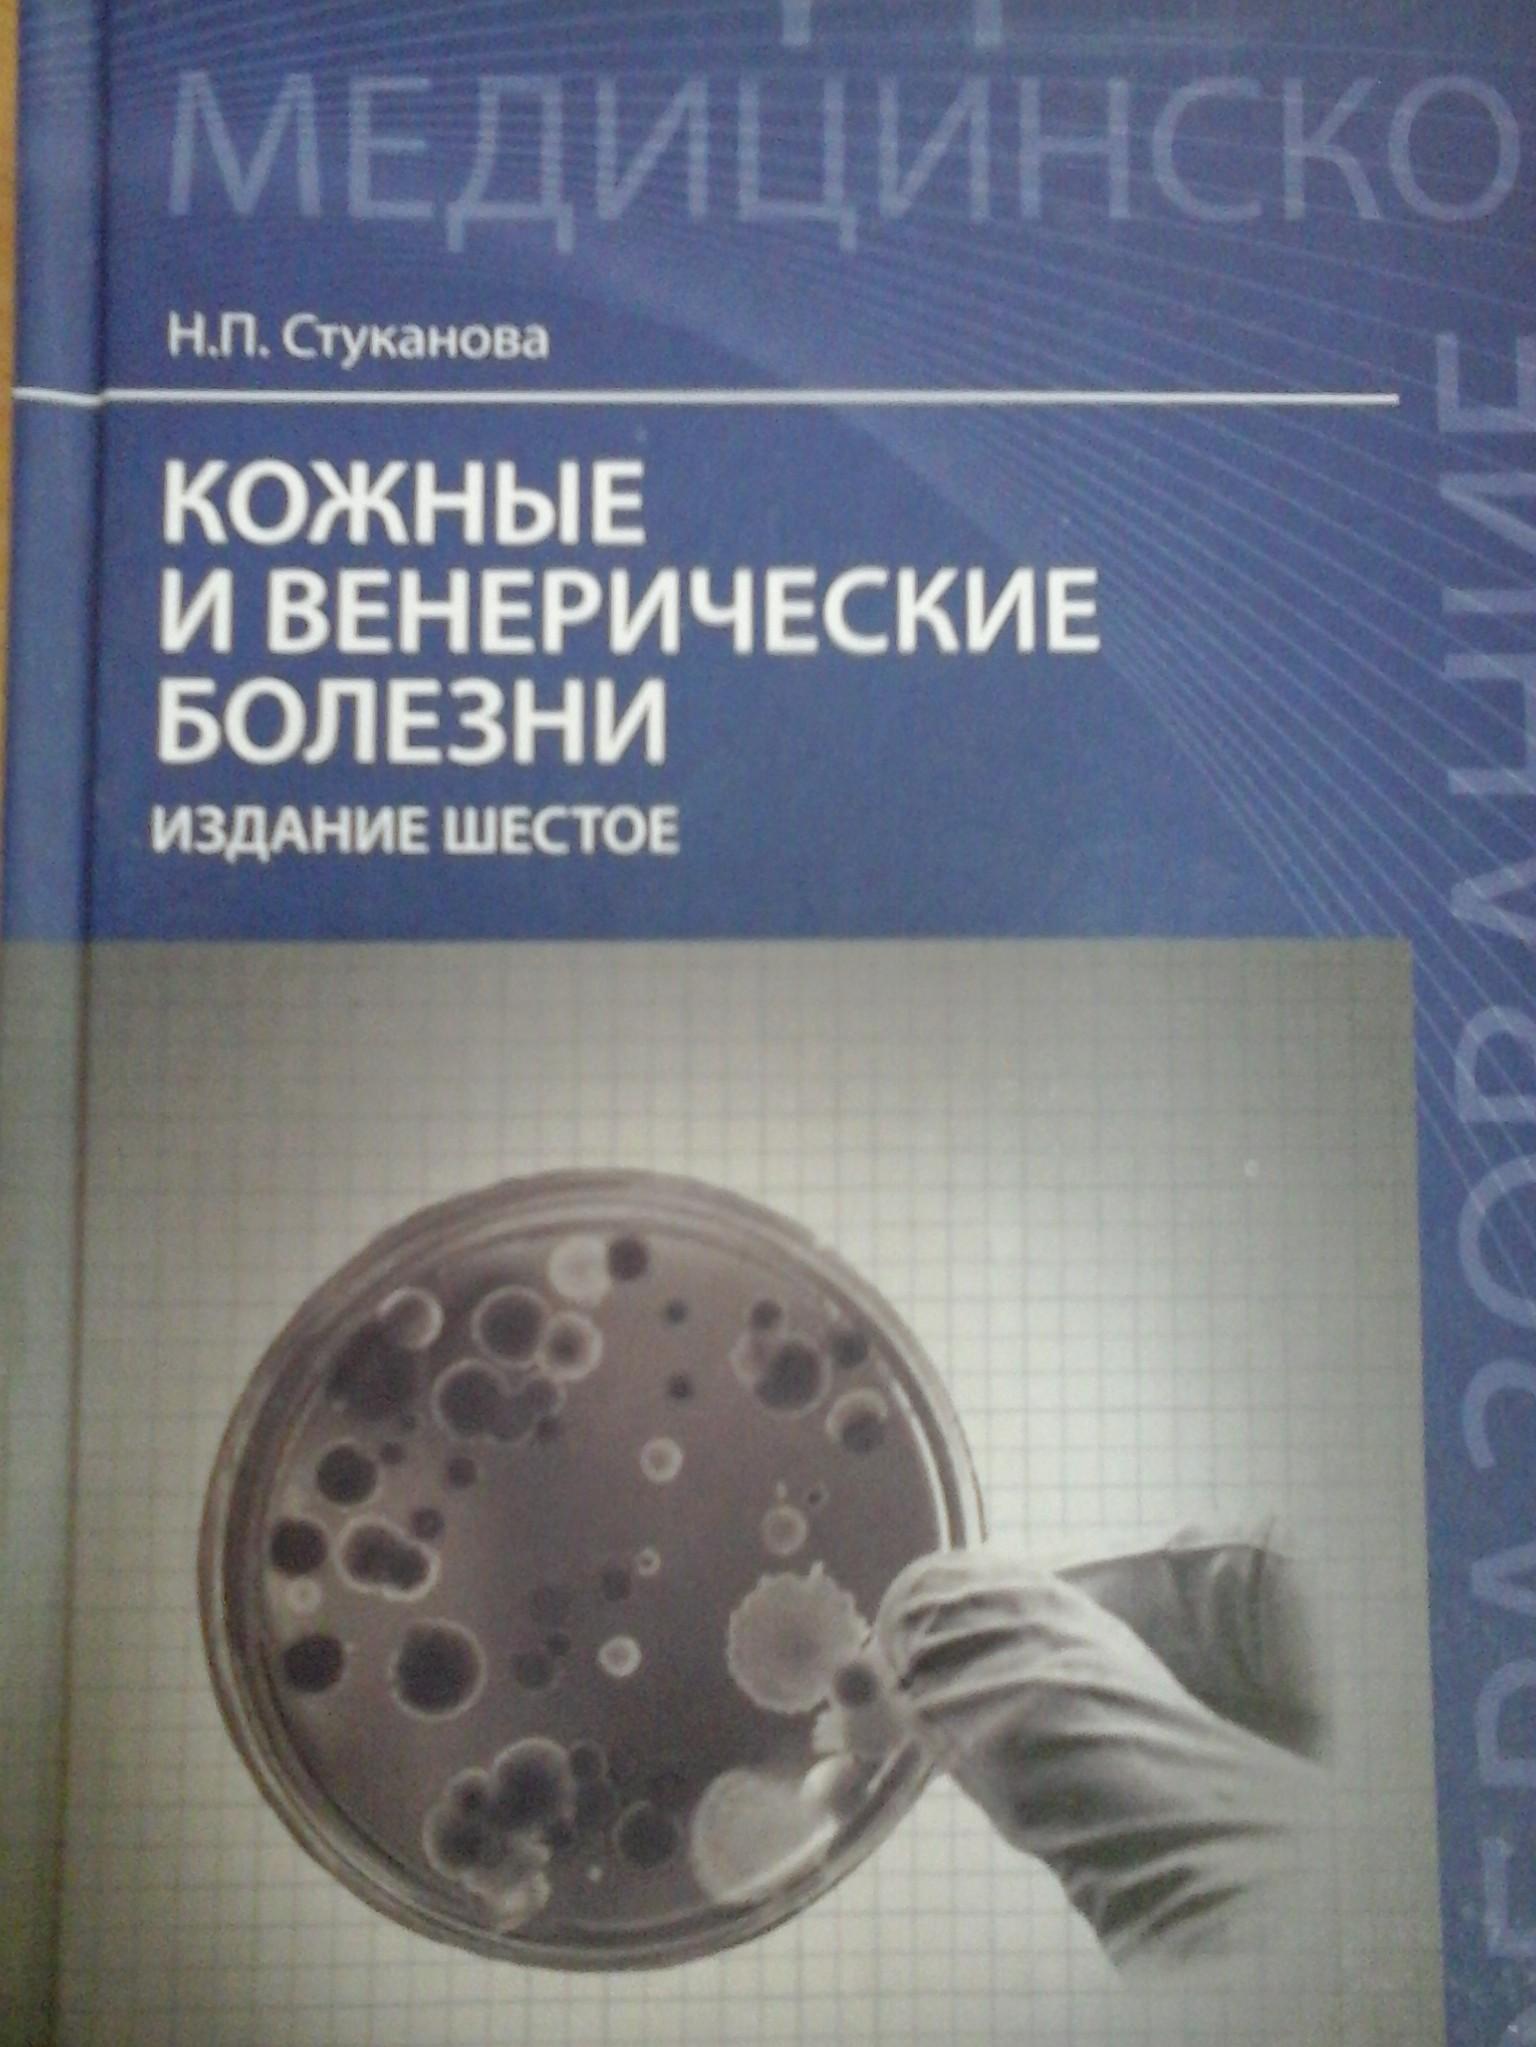 Реферат: синдром клайнфельтера - bestreferat.ru